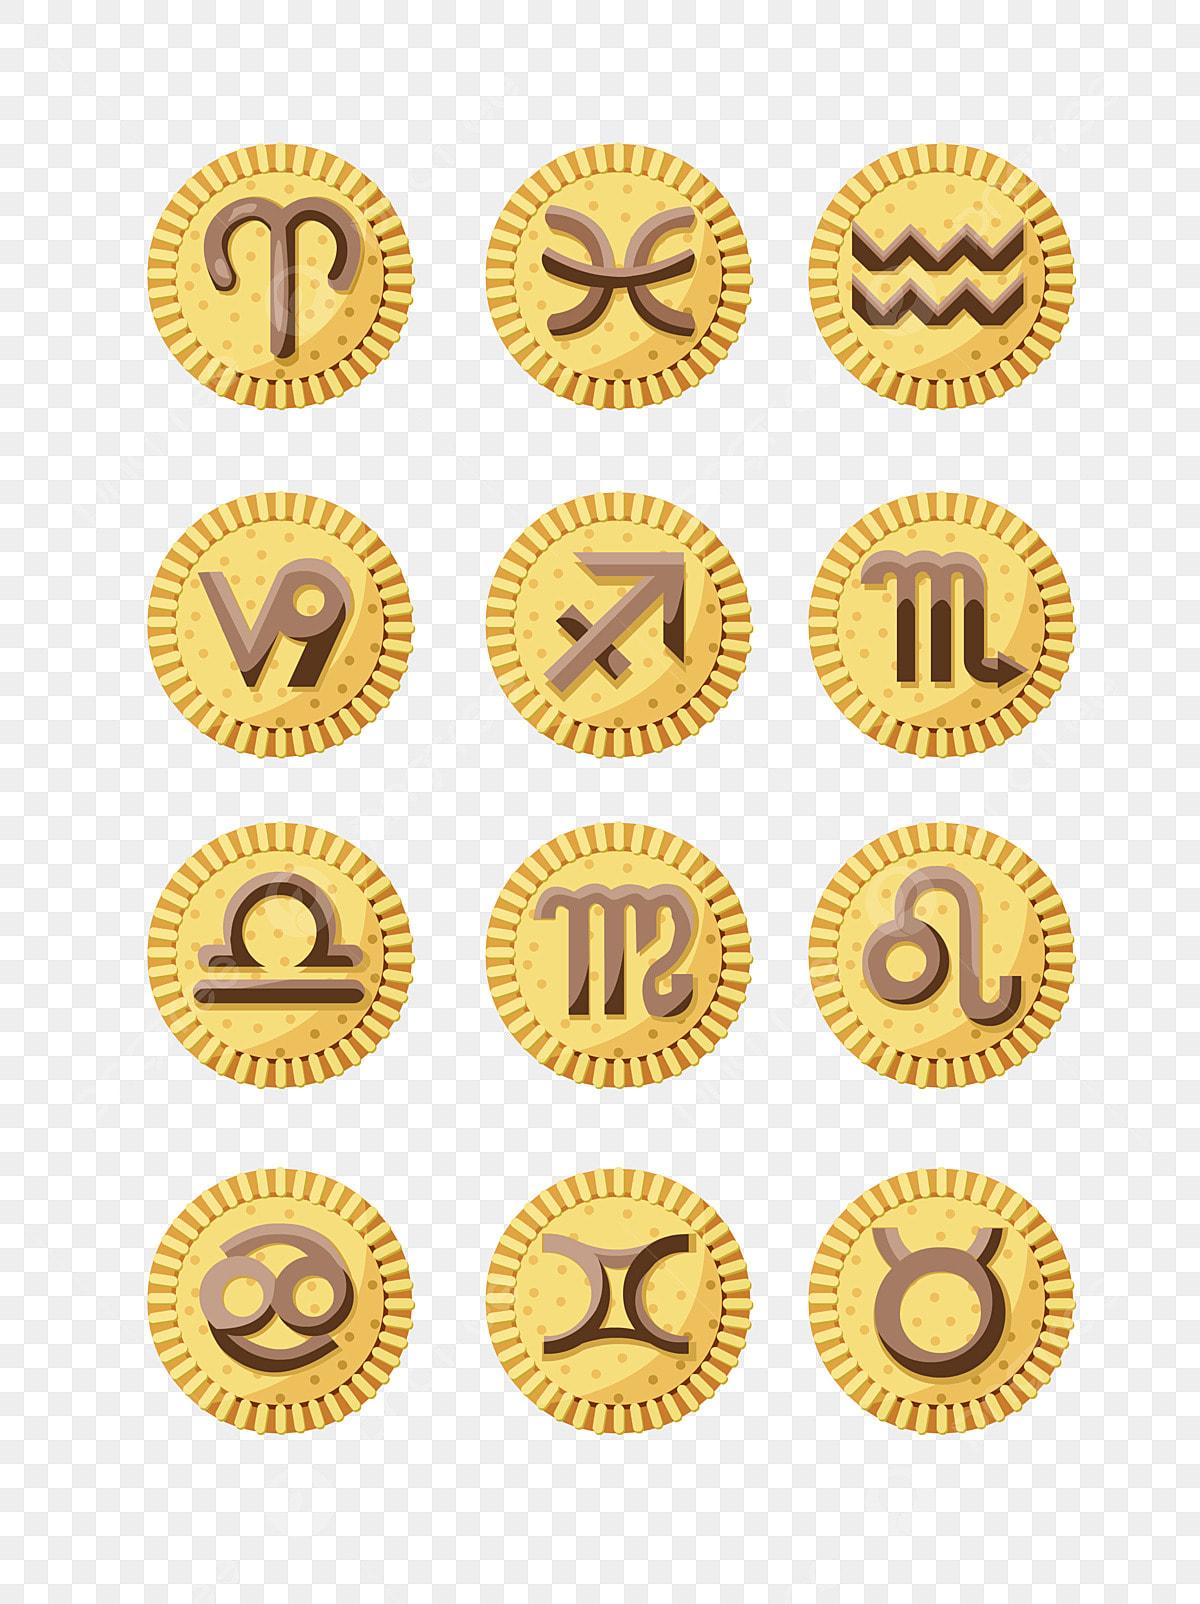 12 خريطة رمز كوكبة 12 كوكبة برج الدلو مطلق النار توأمان تصميم رسوم متحركة أنيمي شخصيات أنيمي Eps أبيض 12 صورة كوكبة صورة رمز كوكبة Png والمتجهات للتحميل مجانا